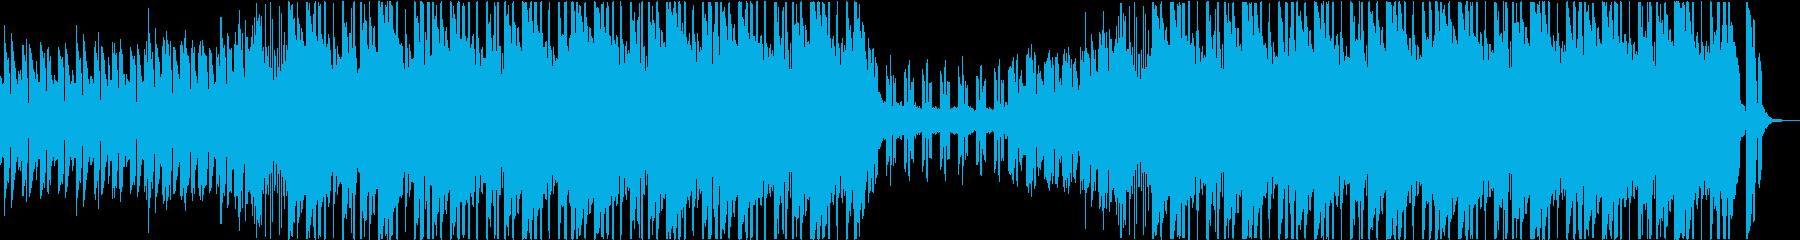 スタイリッシュビットの再生済みの波形